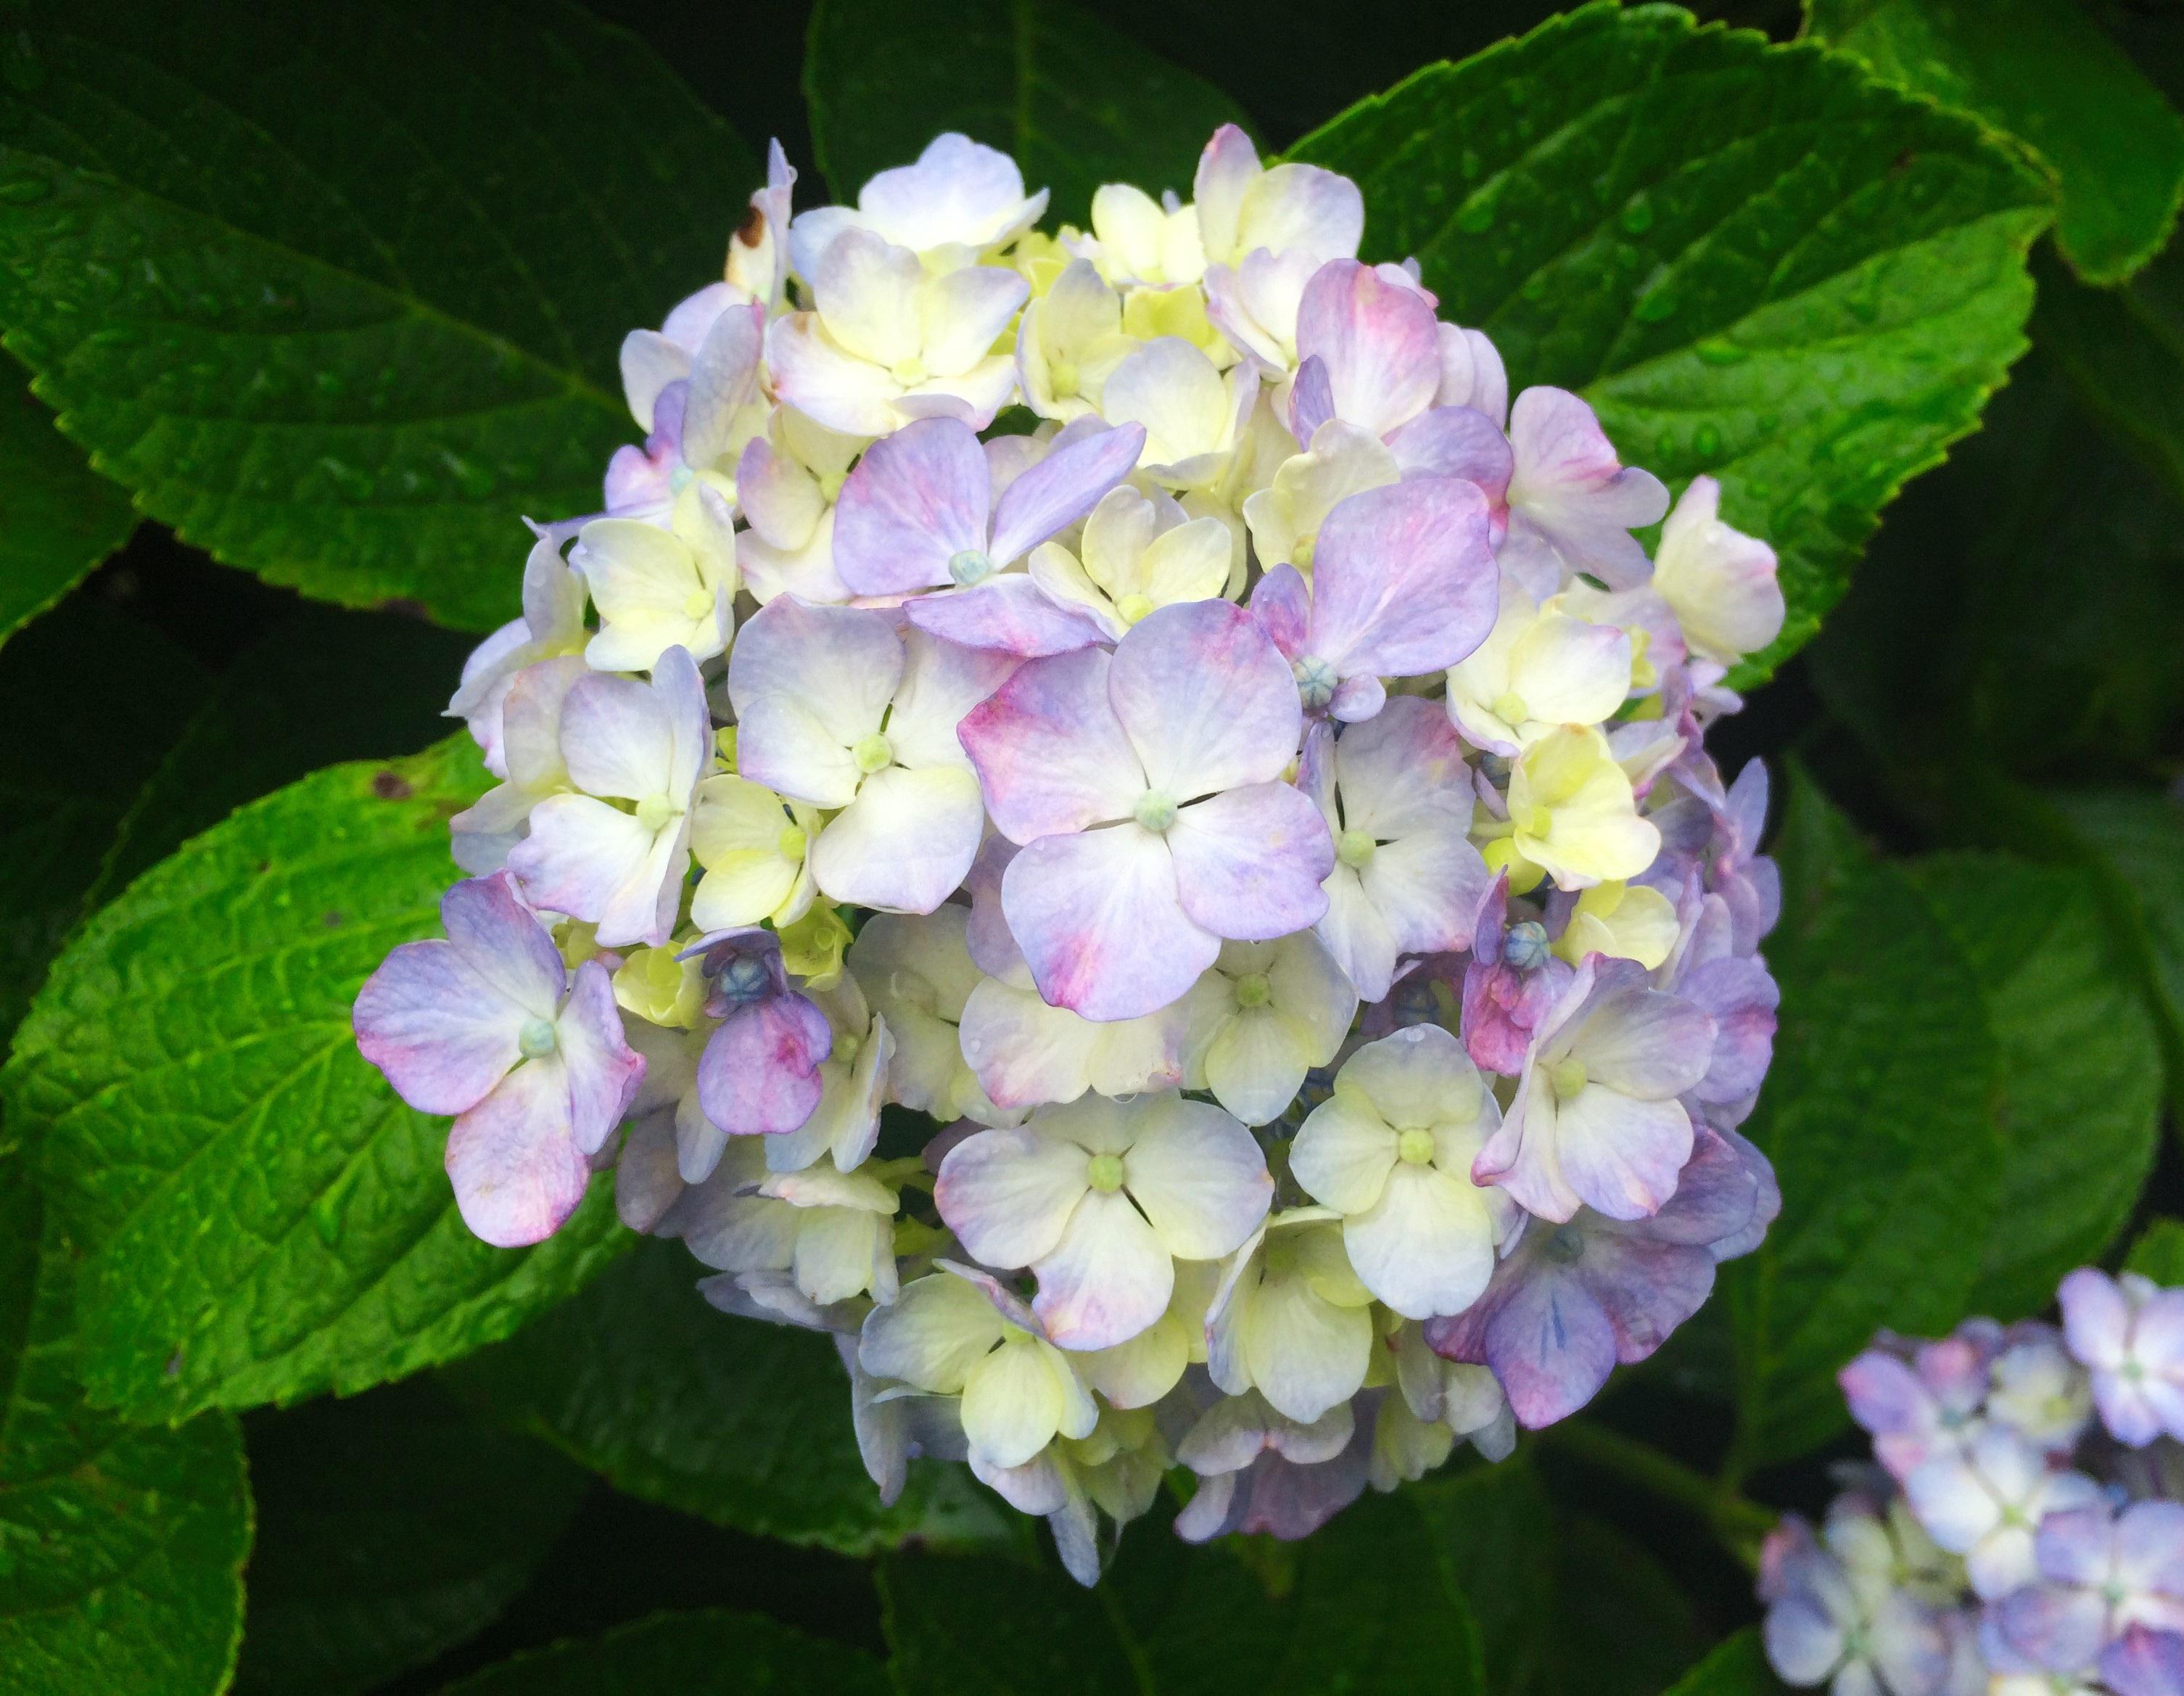 Free Images : rain, leaf, flower, petal, green, color, blue, japan ...